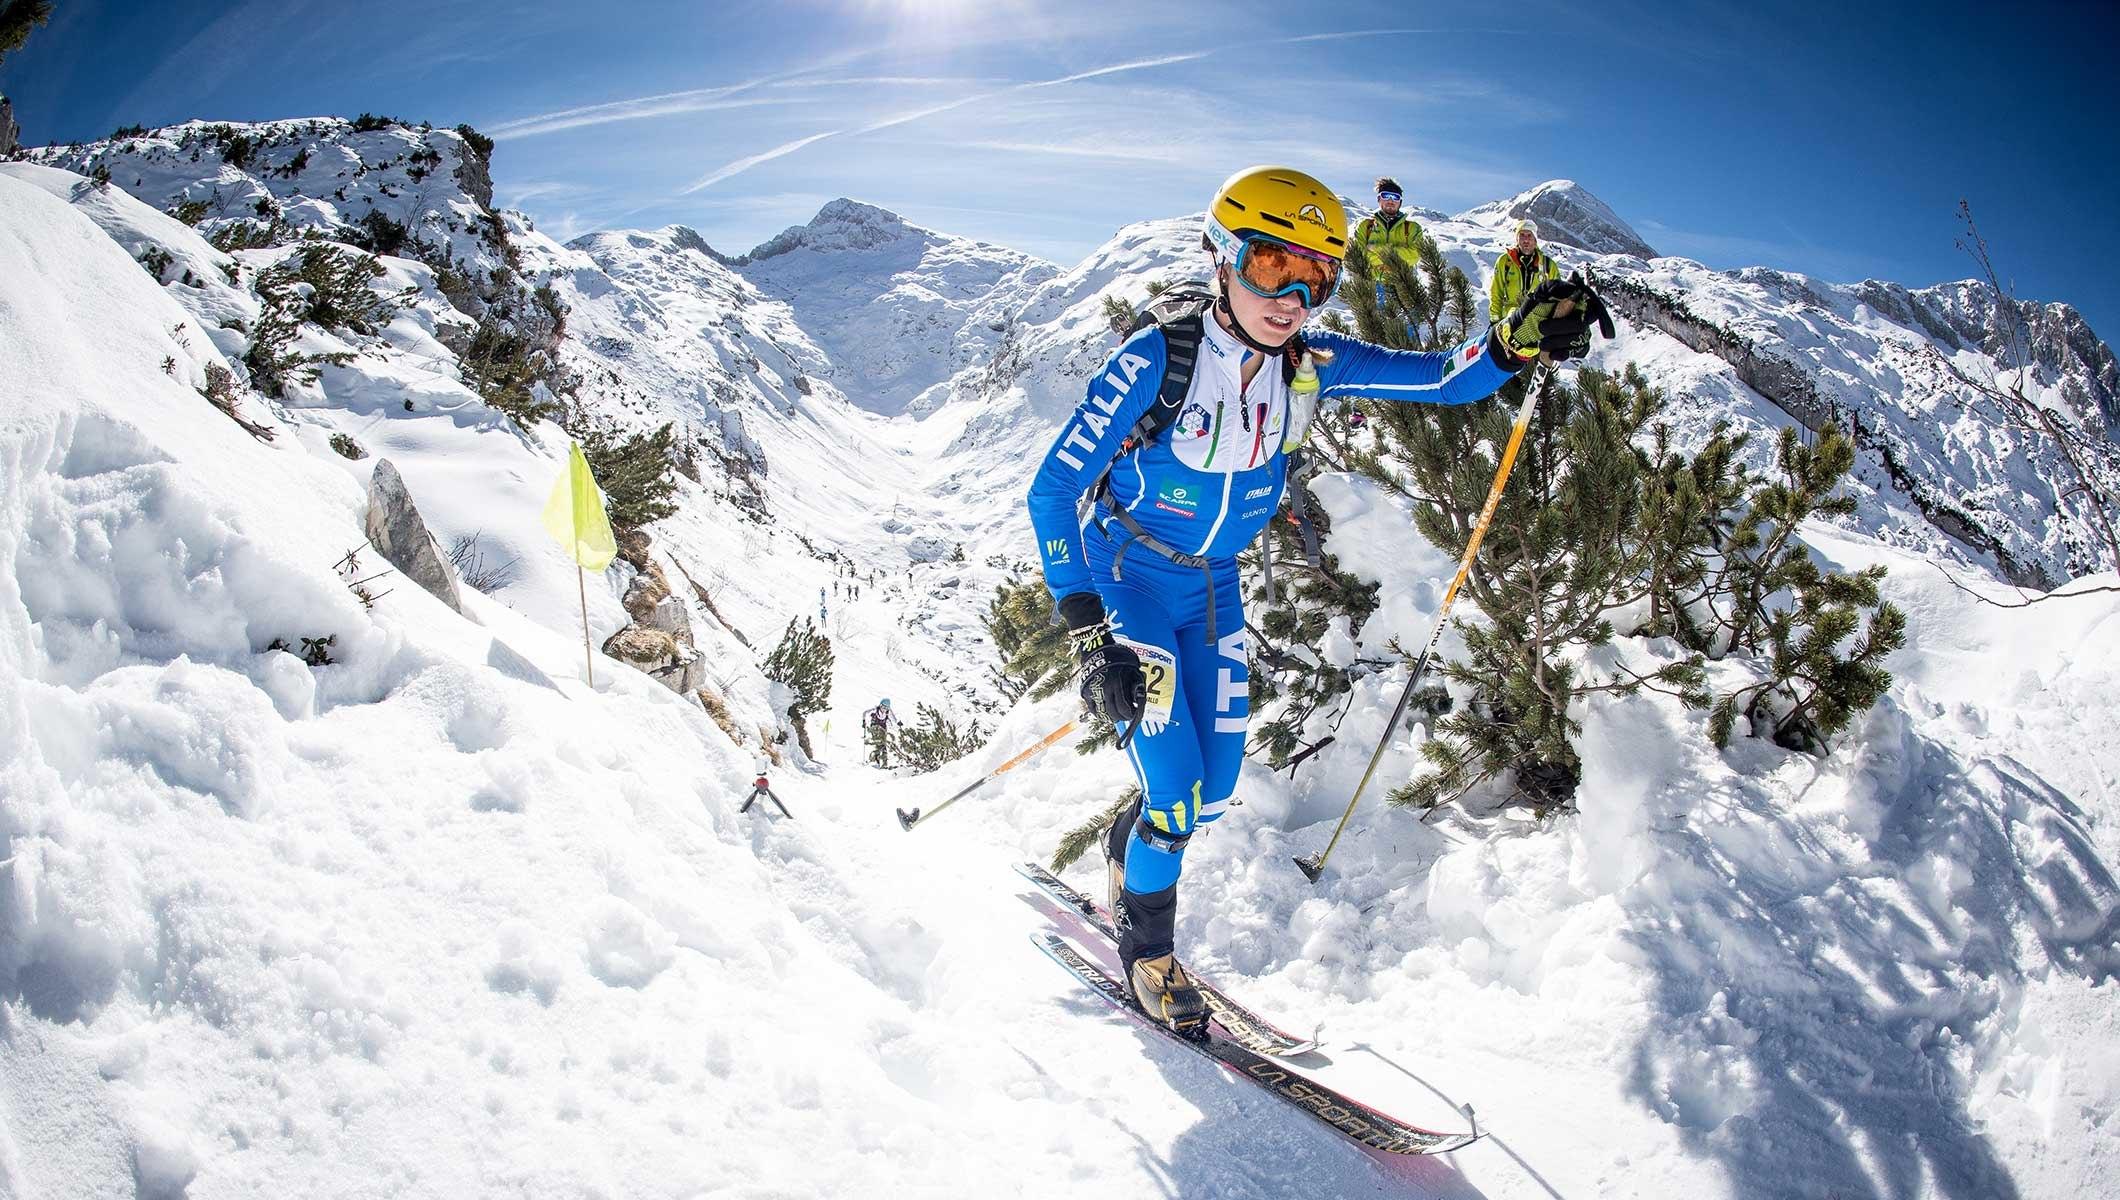 2017-10-10-ski-mountaineering-thumbnail